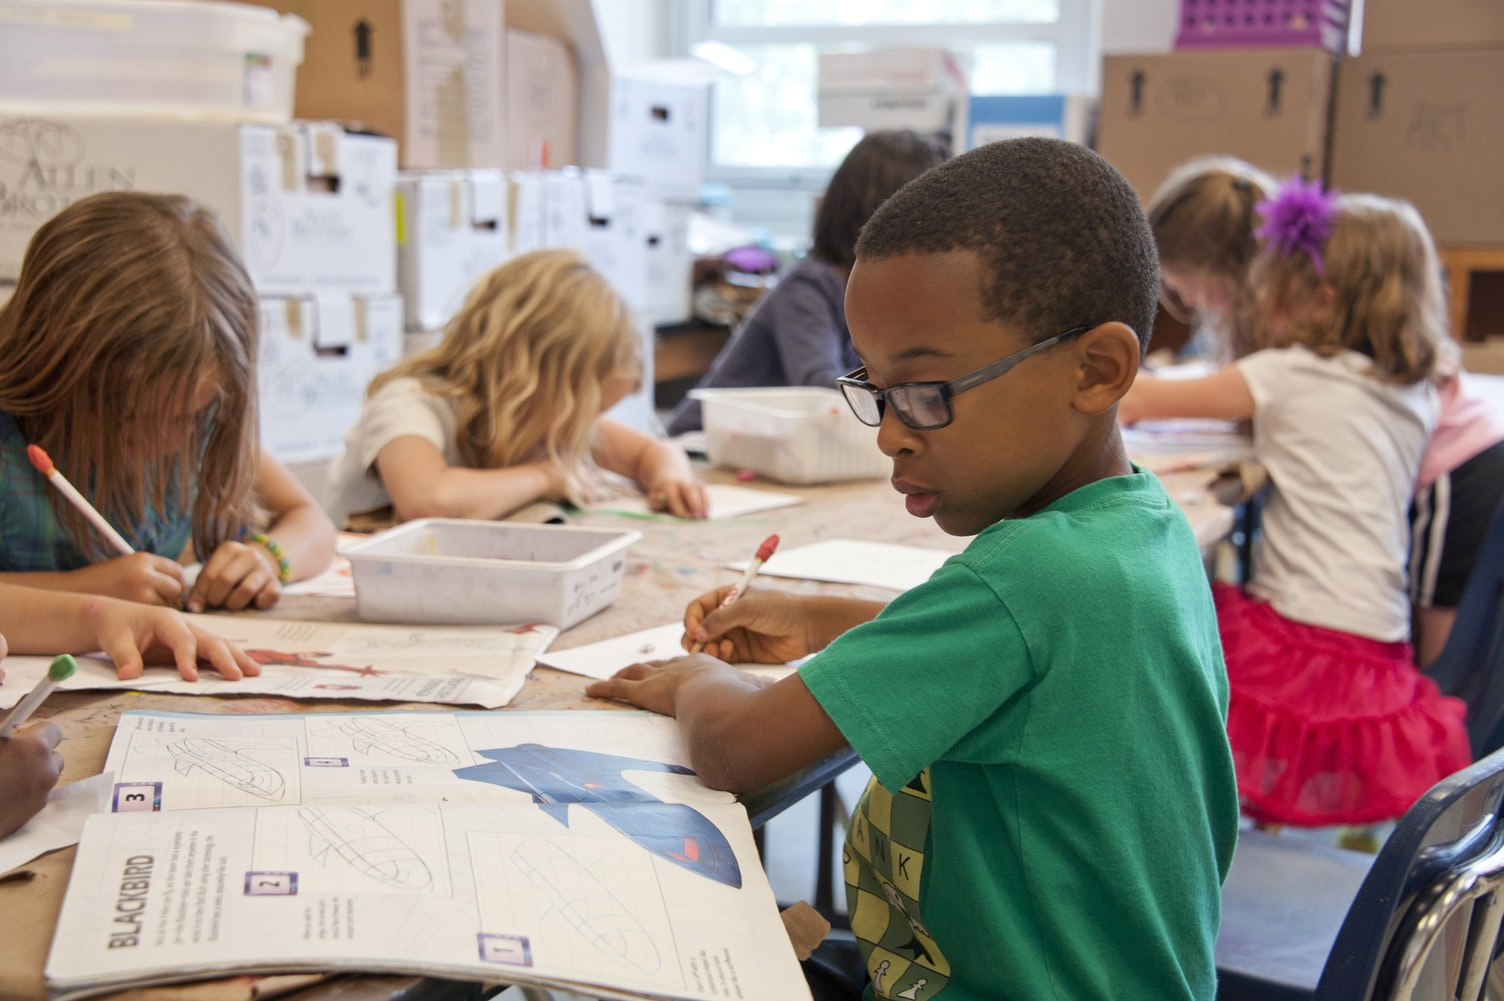 Des enfants à l'école.   Photo : Unsplash